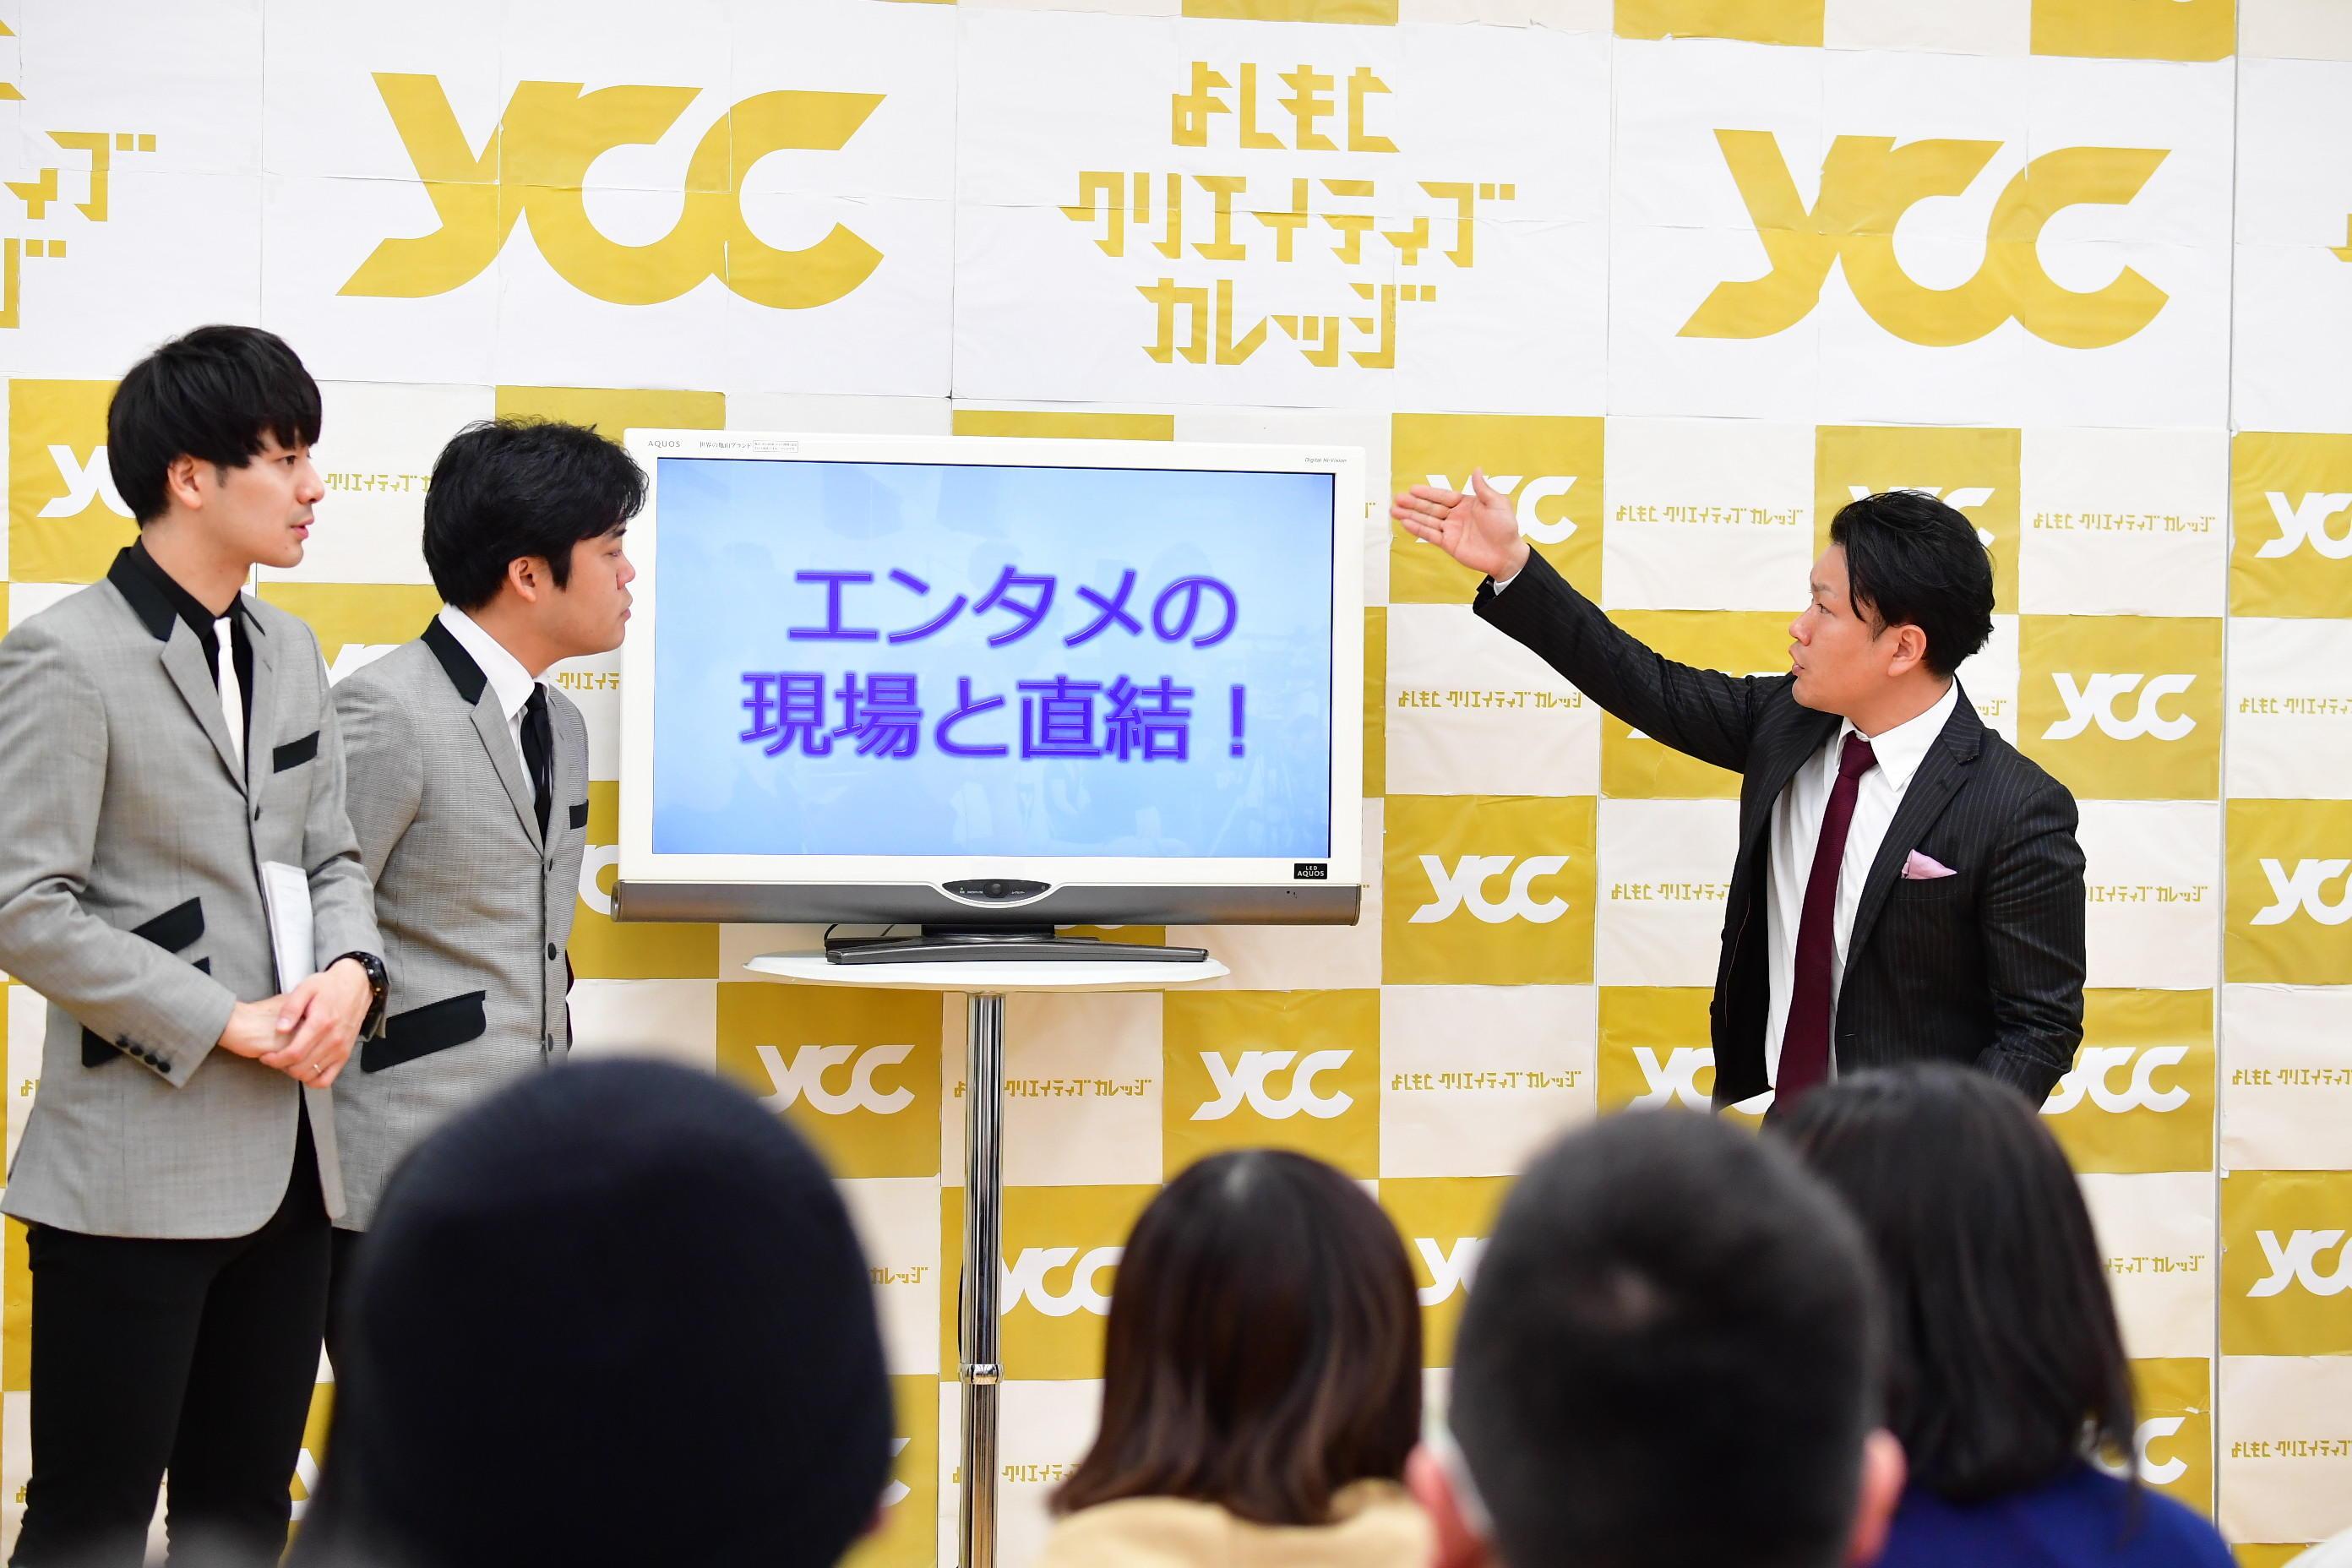 http://news.yoshimoto.co.jp/20180415153539-ff9047149294dc446e727568b82088a8f49211d0.jpg